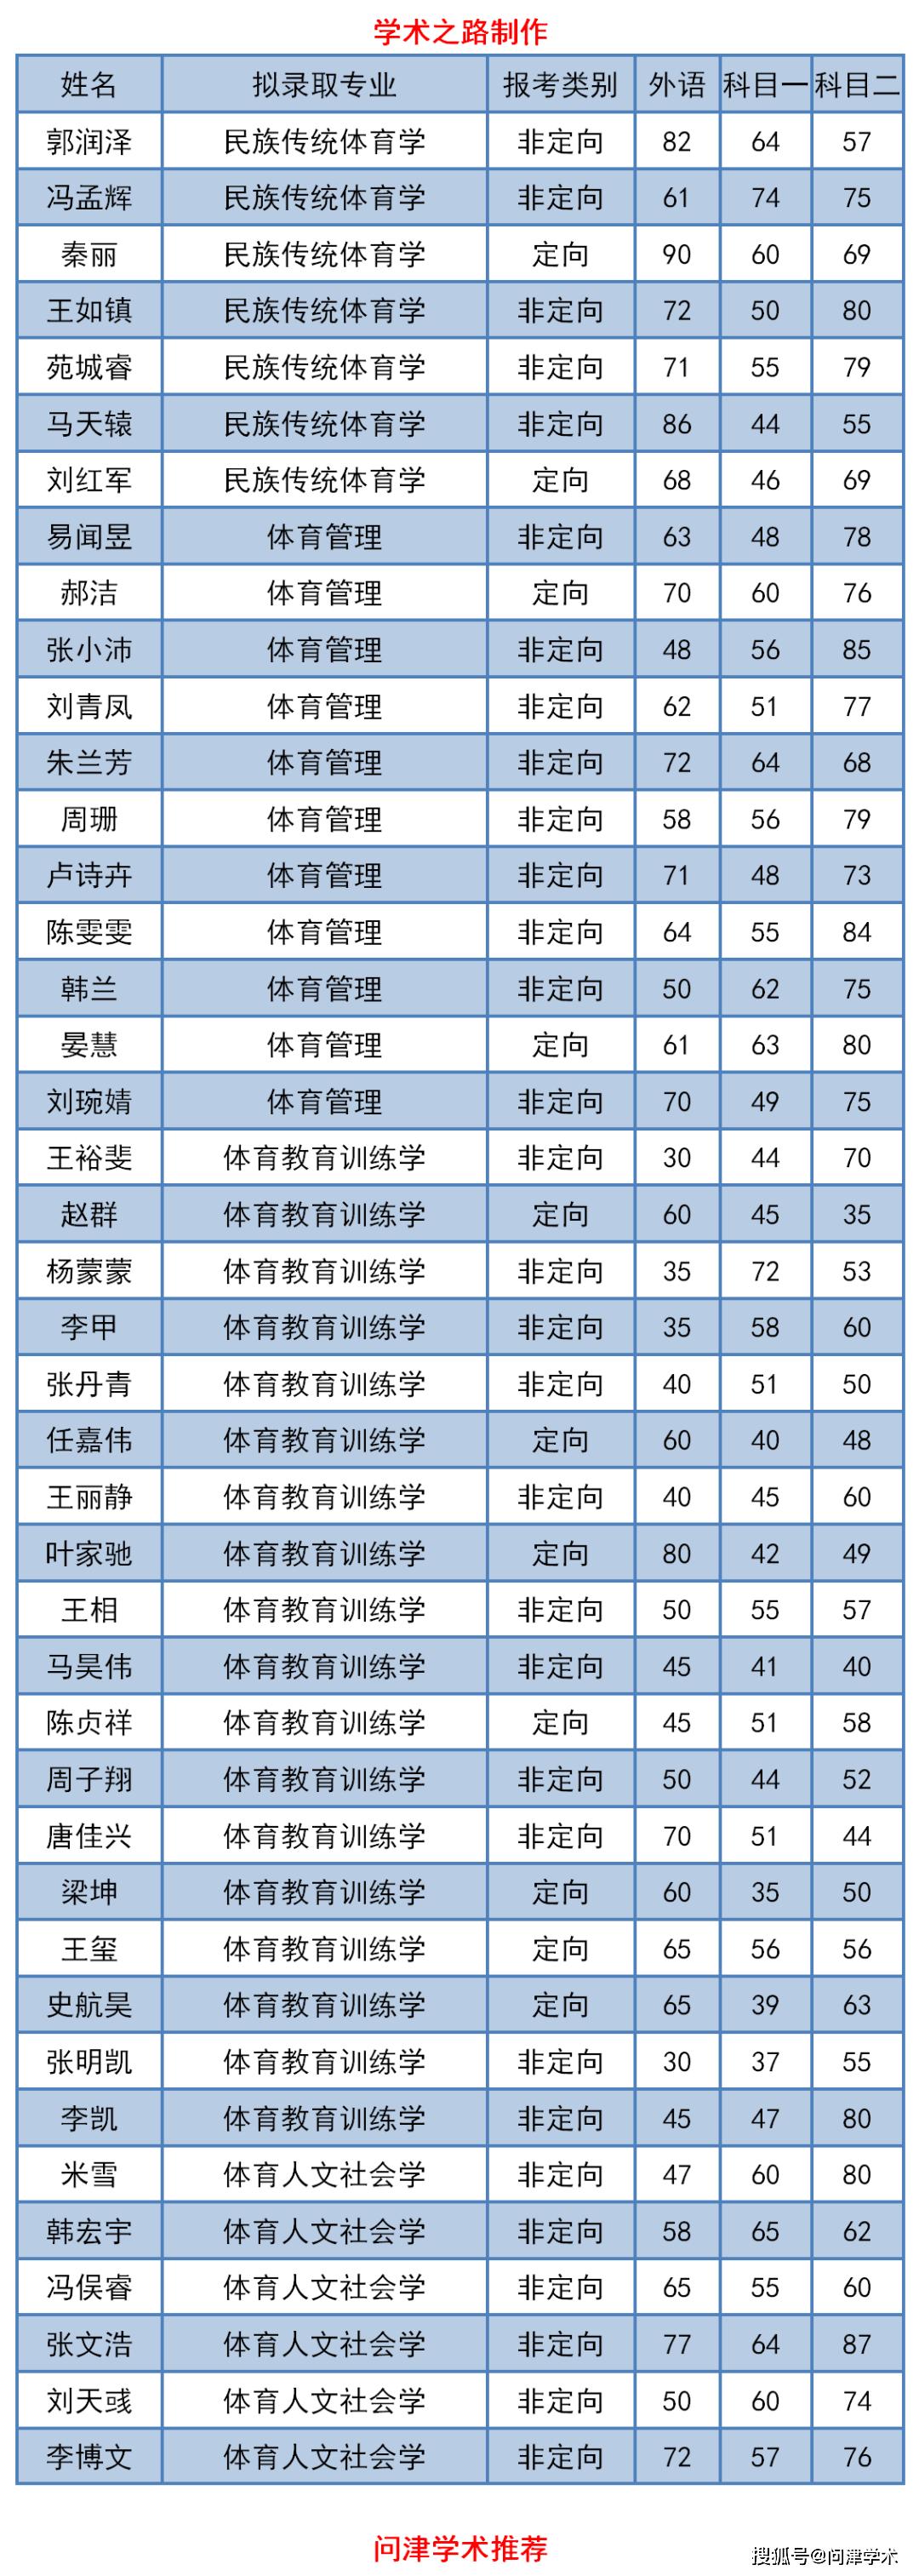 上海体育学院2020年博士招生拟录取名单公示(普通招考)